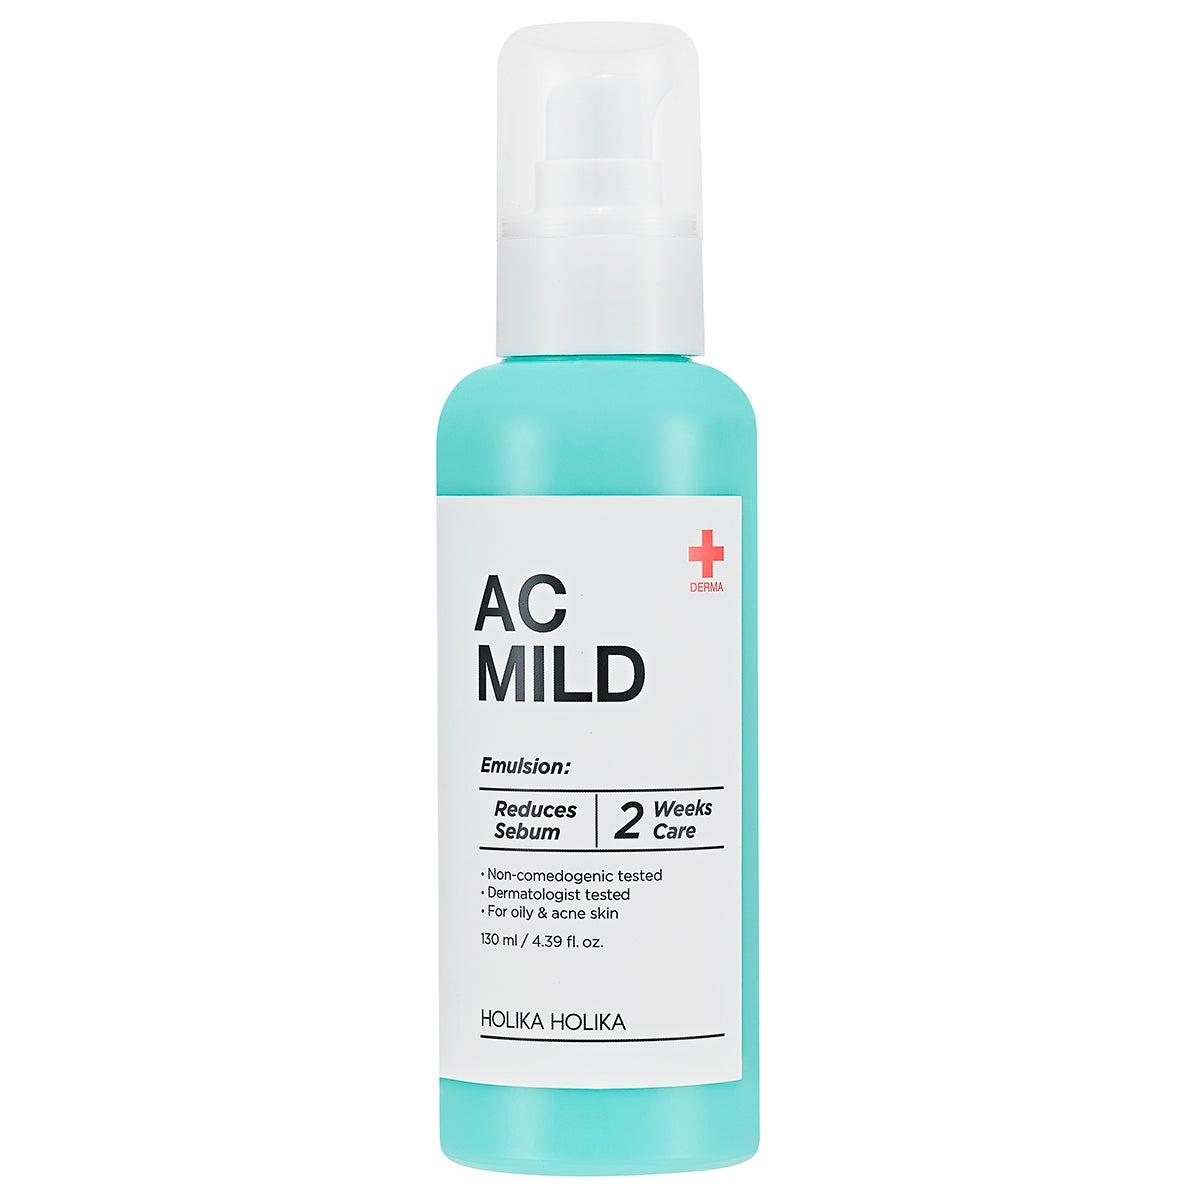 AC MILD Emulsion 130 ml Holika Holika Steg 9: Ansiktskräm